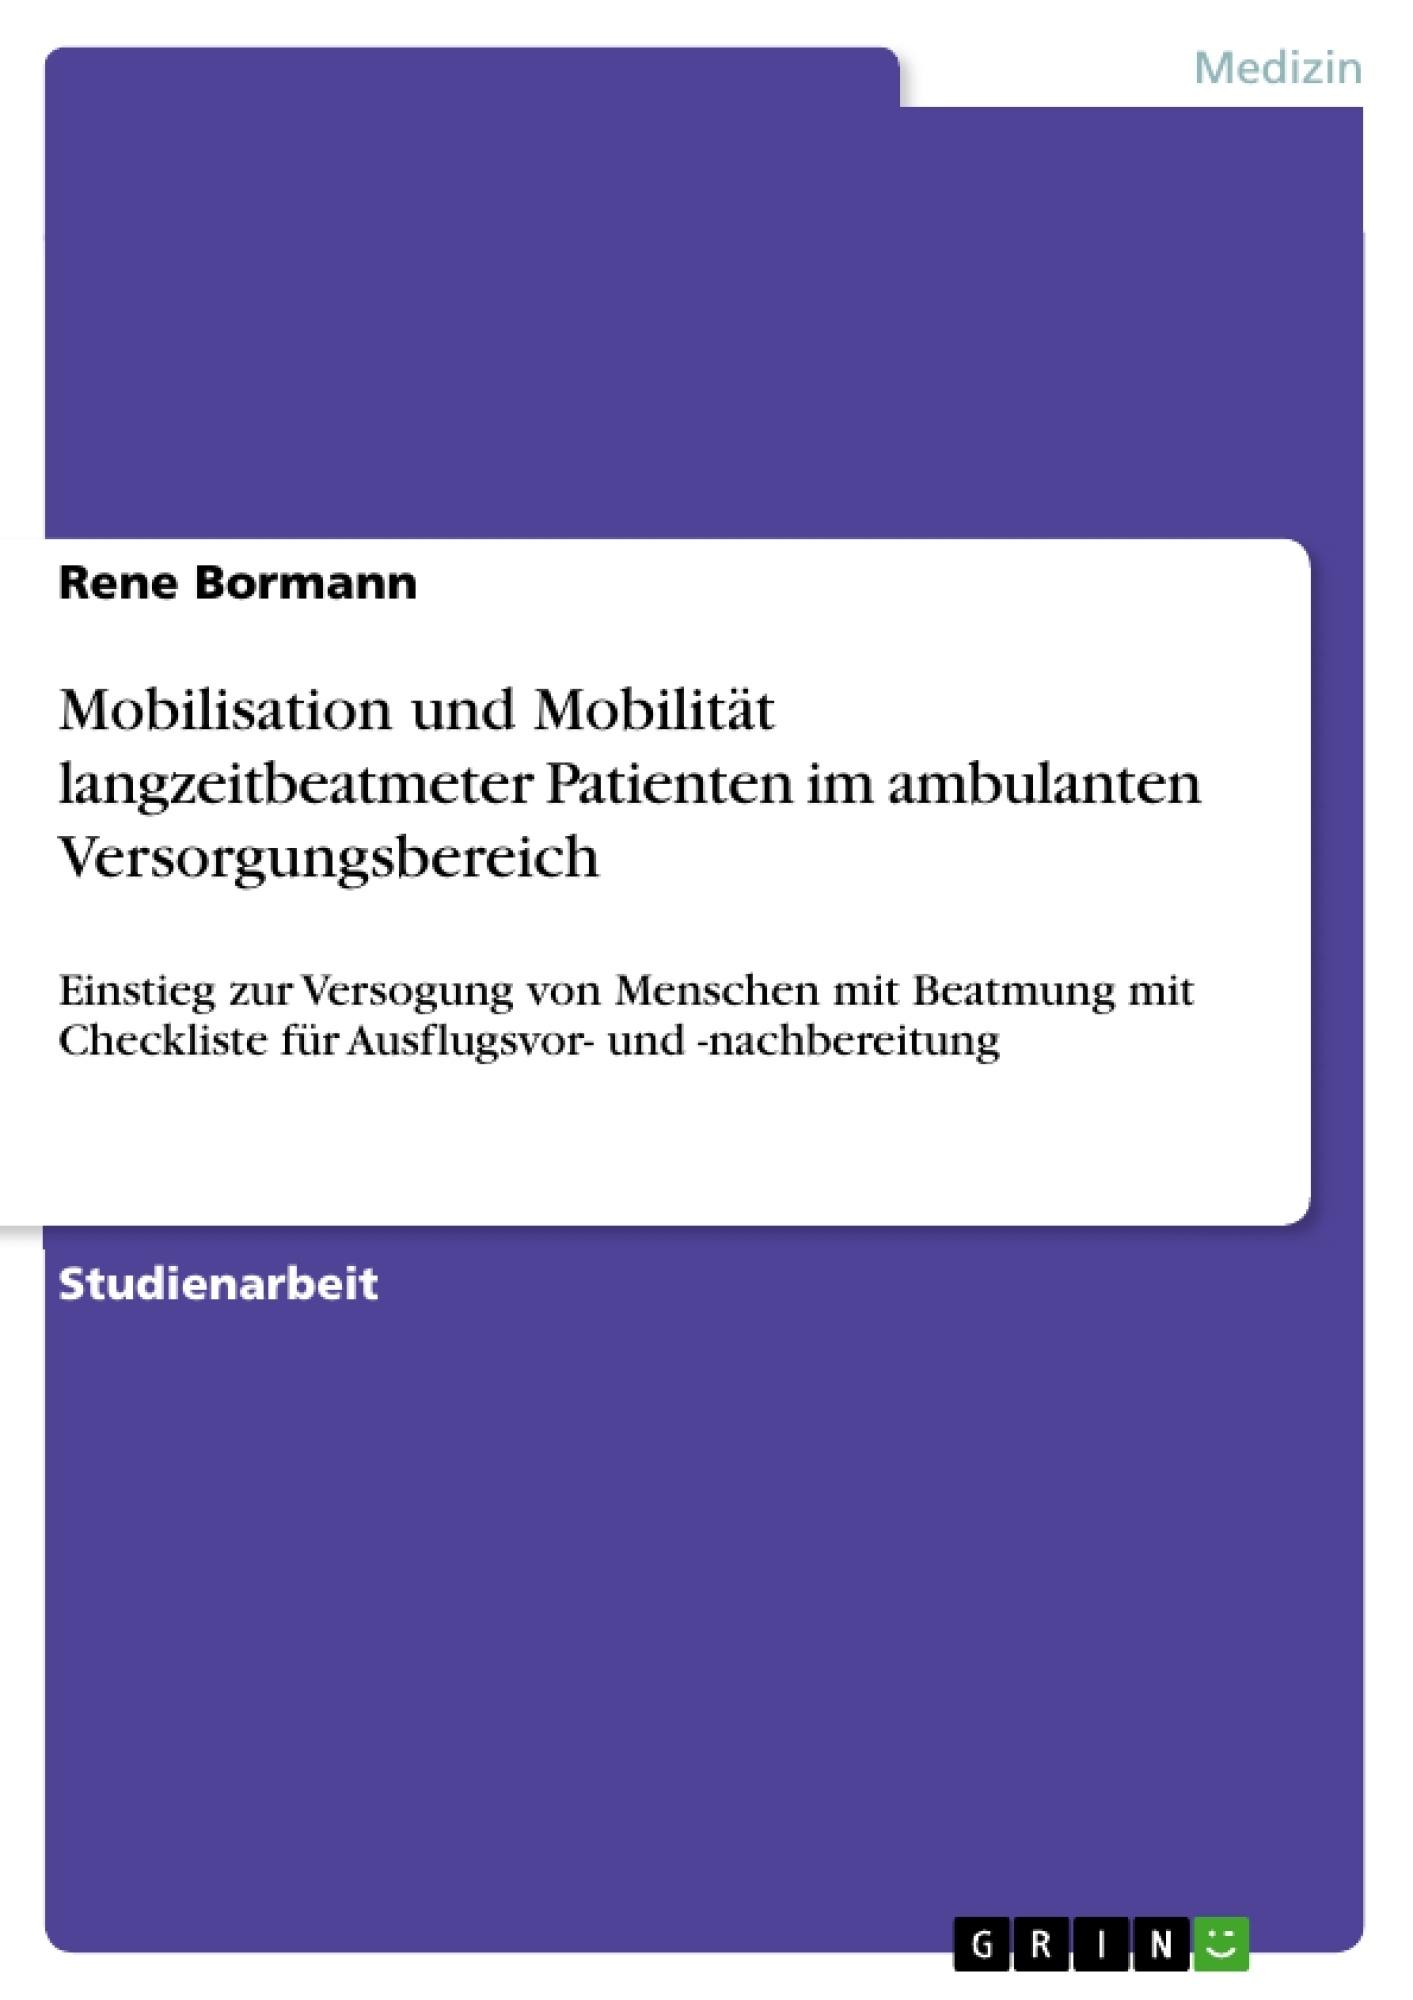 Titel: Mobilisation und Mobilität langzeitbeatmeter Patienten im ambulanten Versorgungsbereich